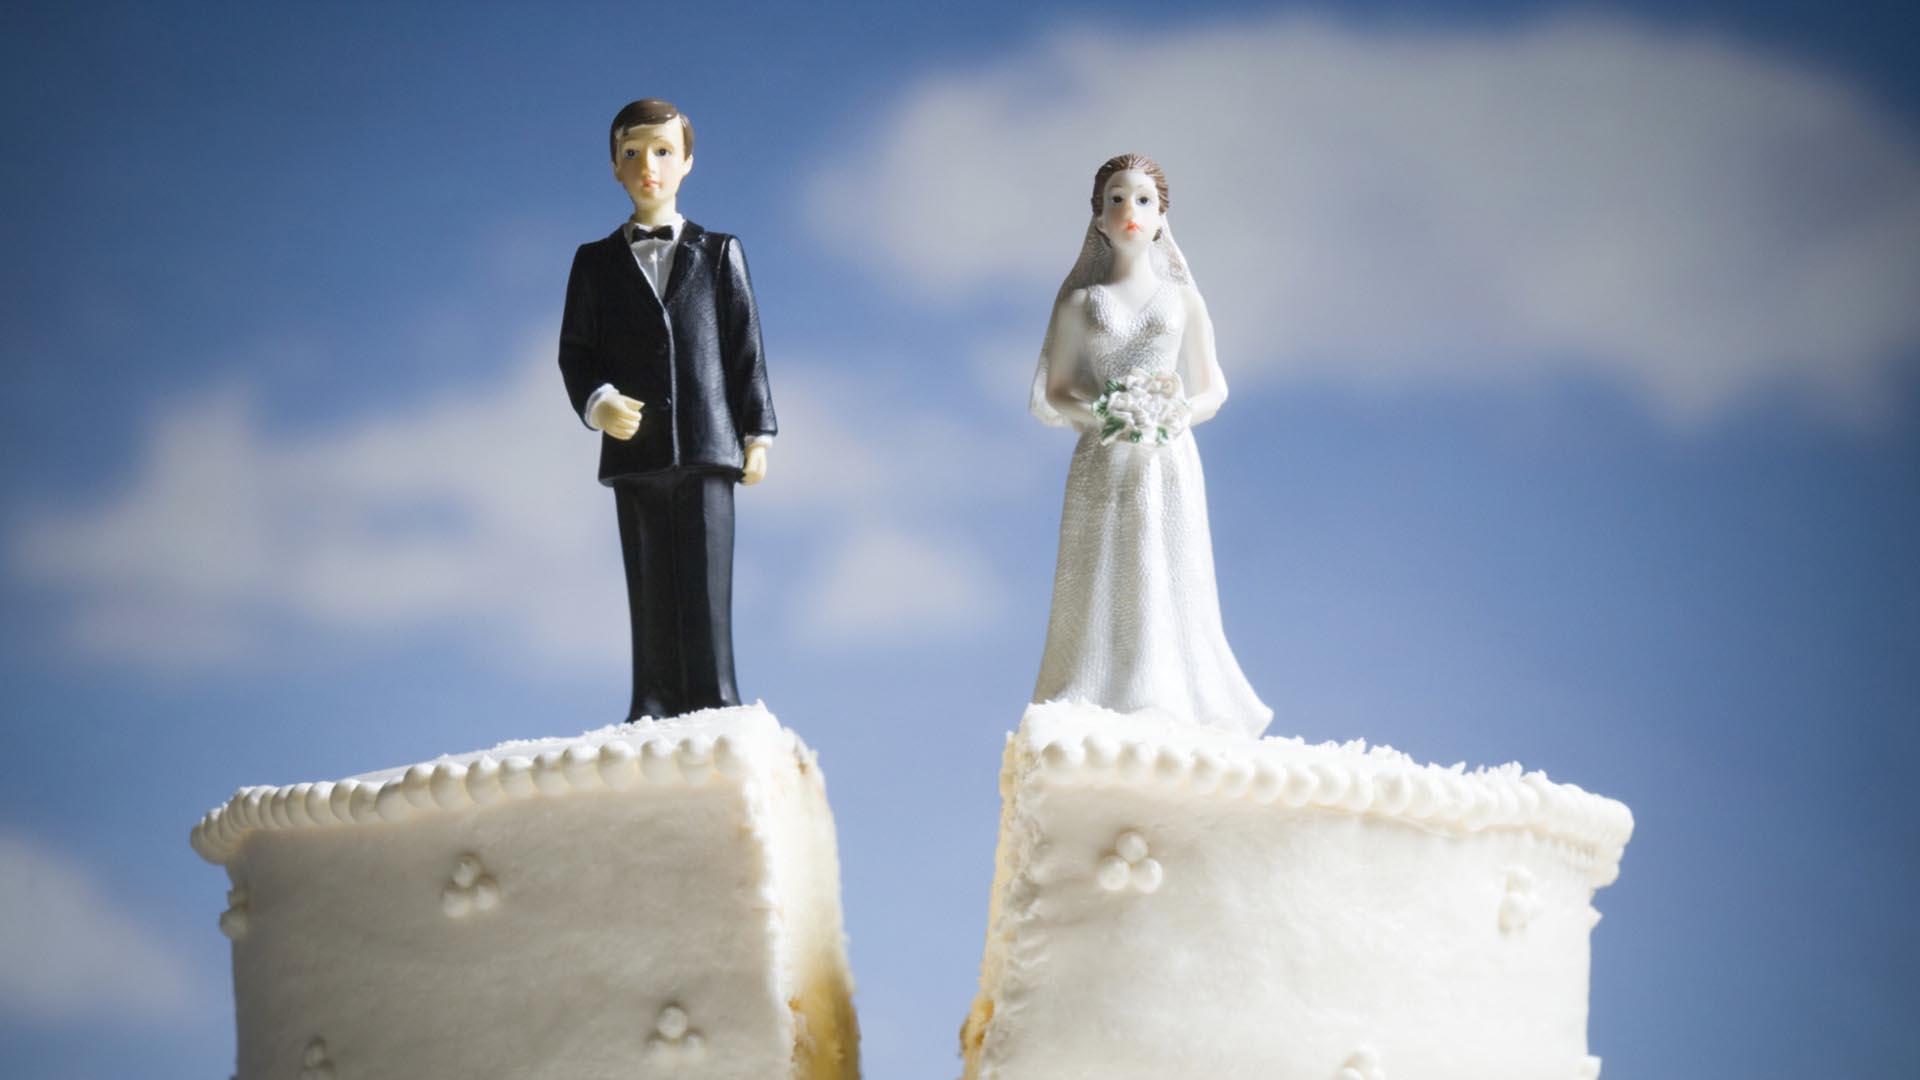 چگونه برای طلاق اقدام کنیم